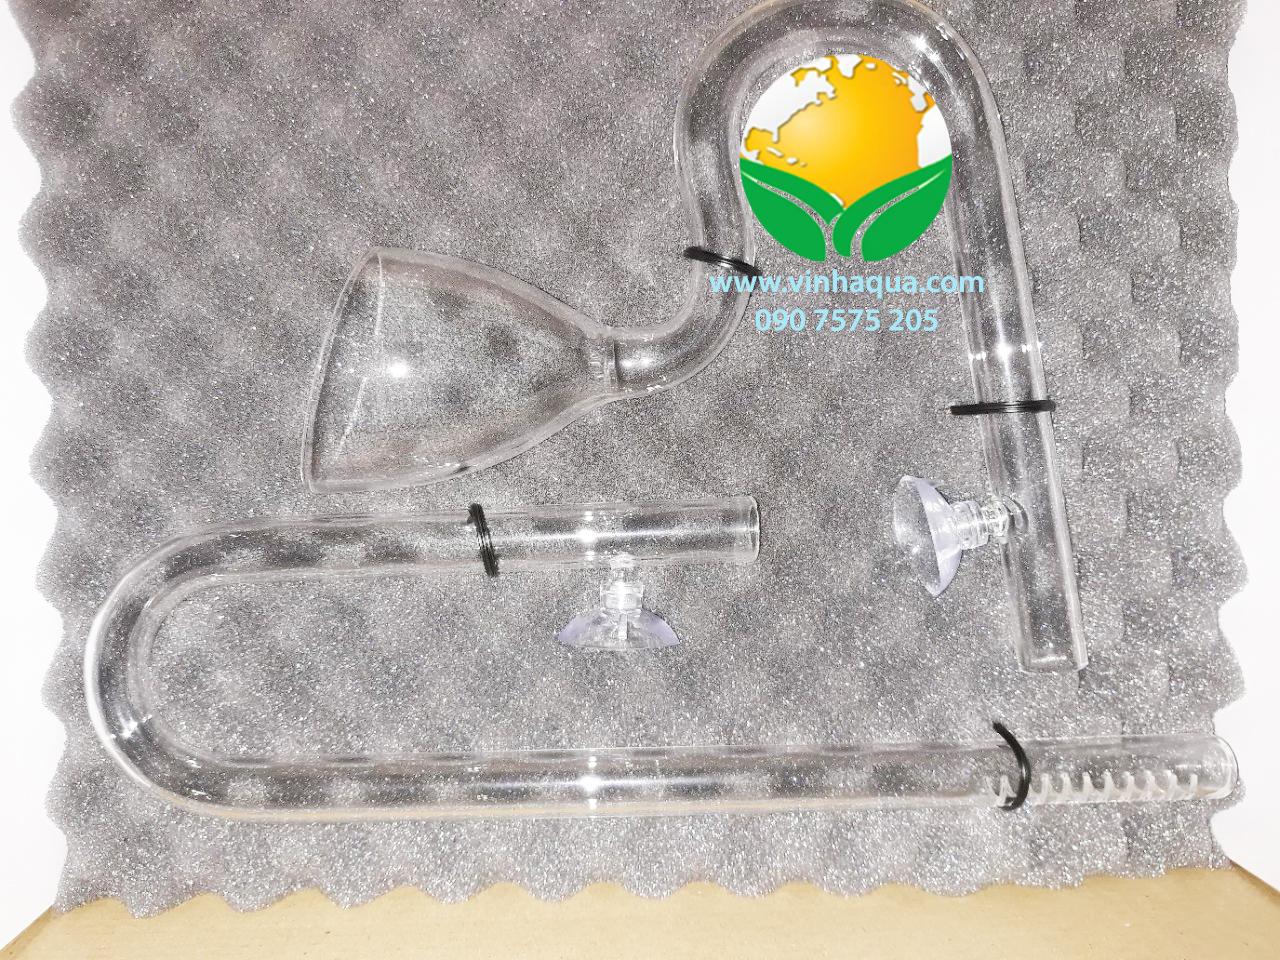 In out thủy tinh Fi 16 Ista dùng cho lọc thùng hồ thủy sinh